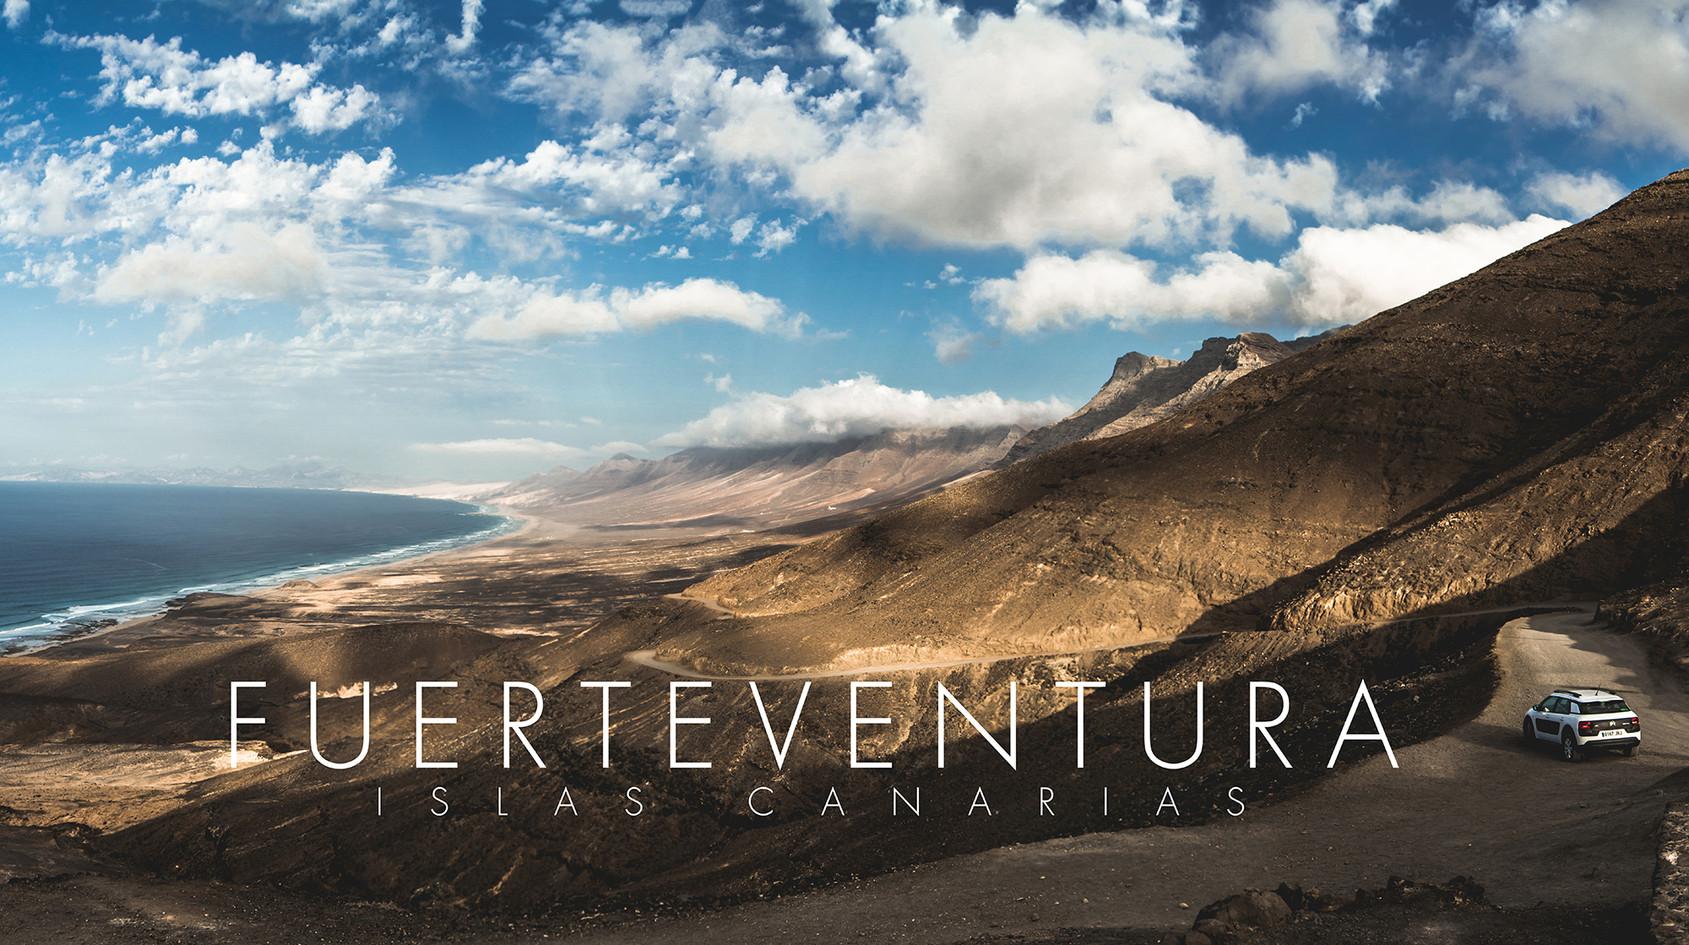 FuertaventuraTITLE2.jpg